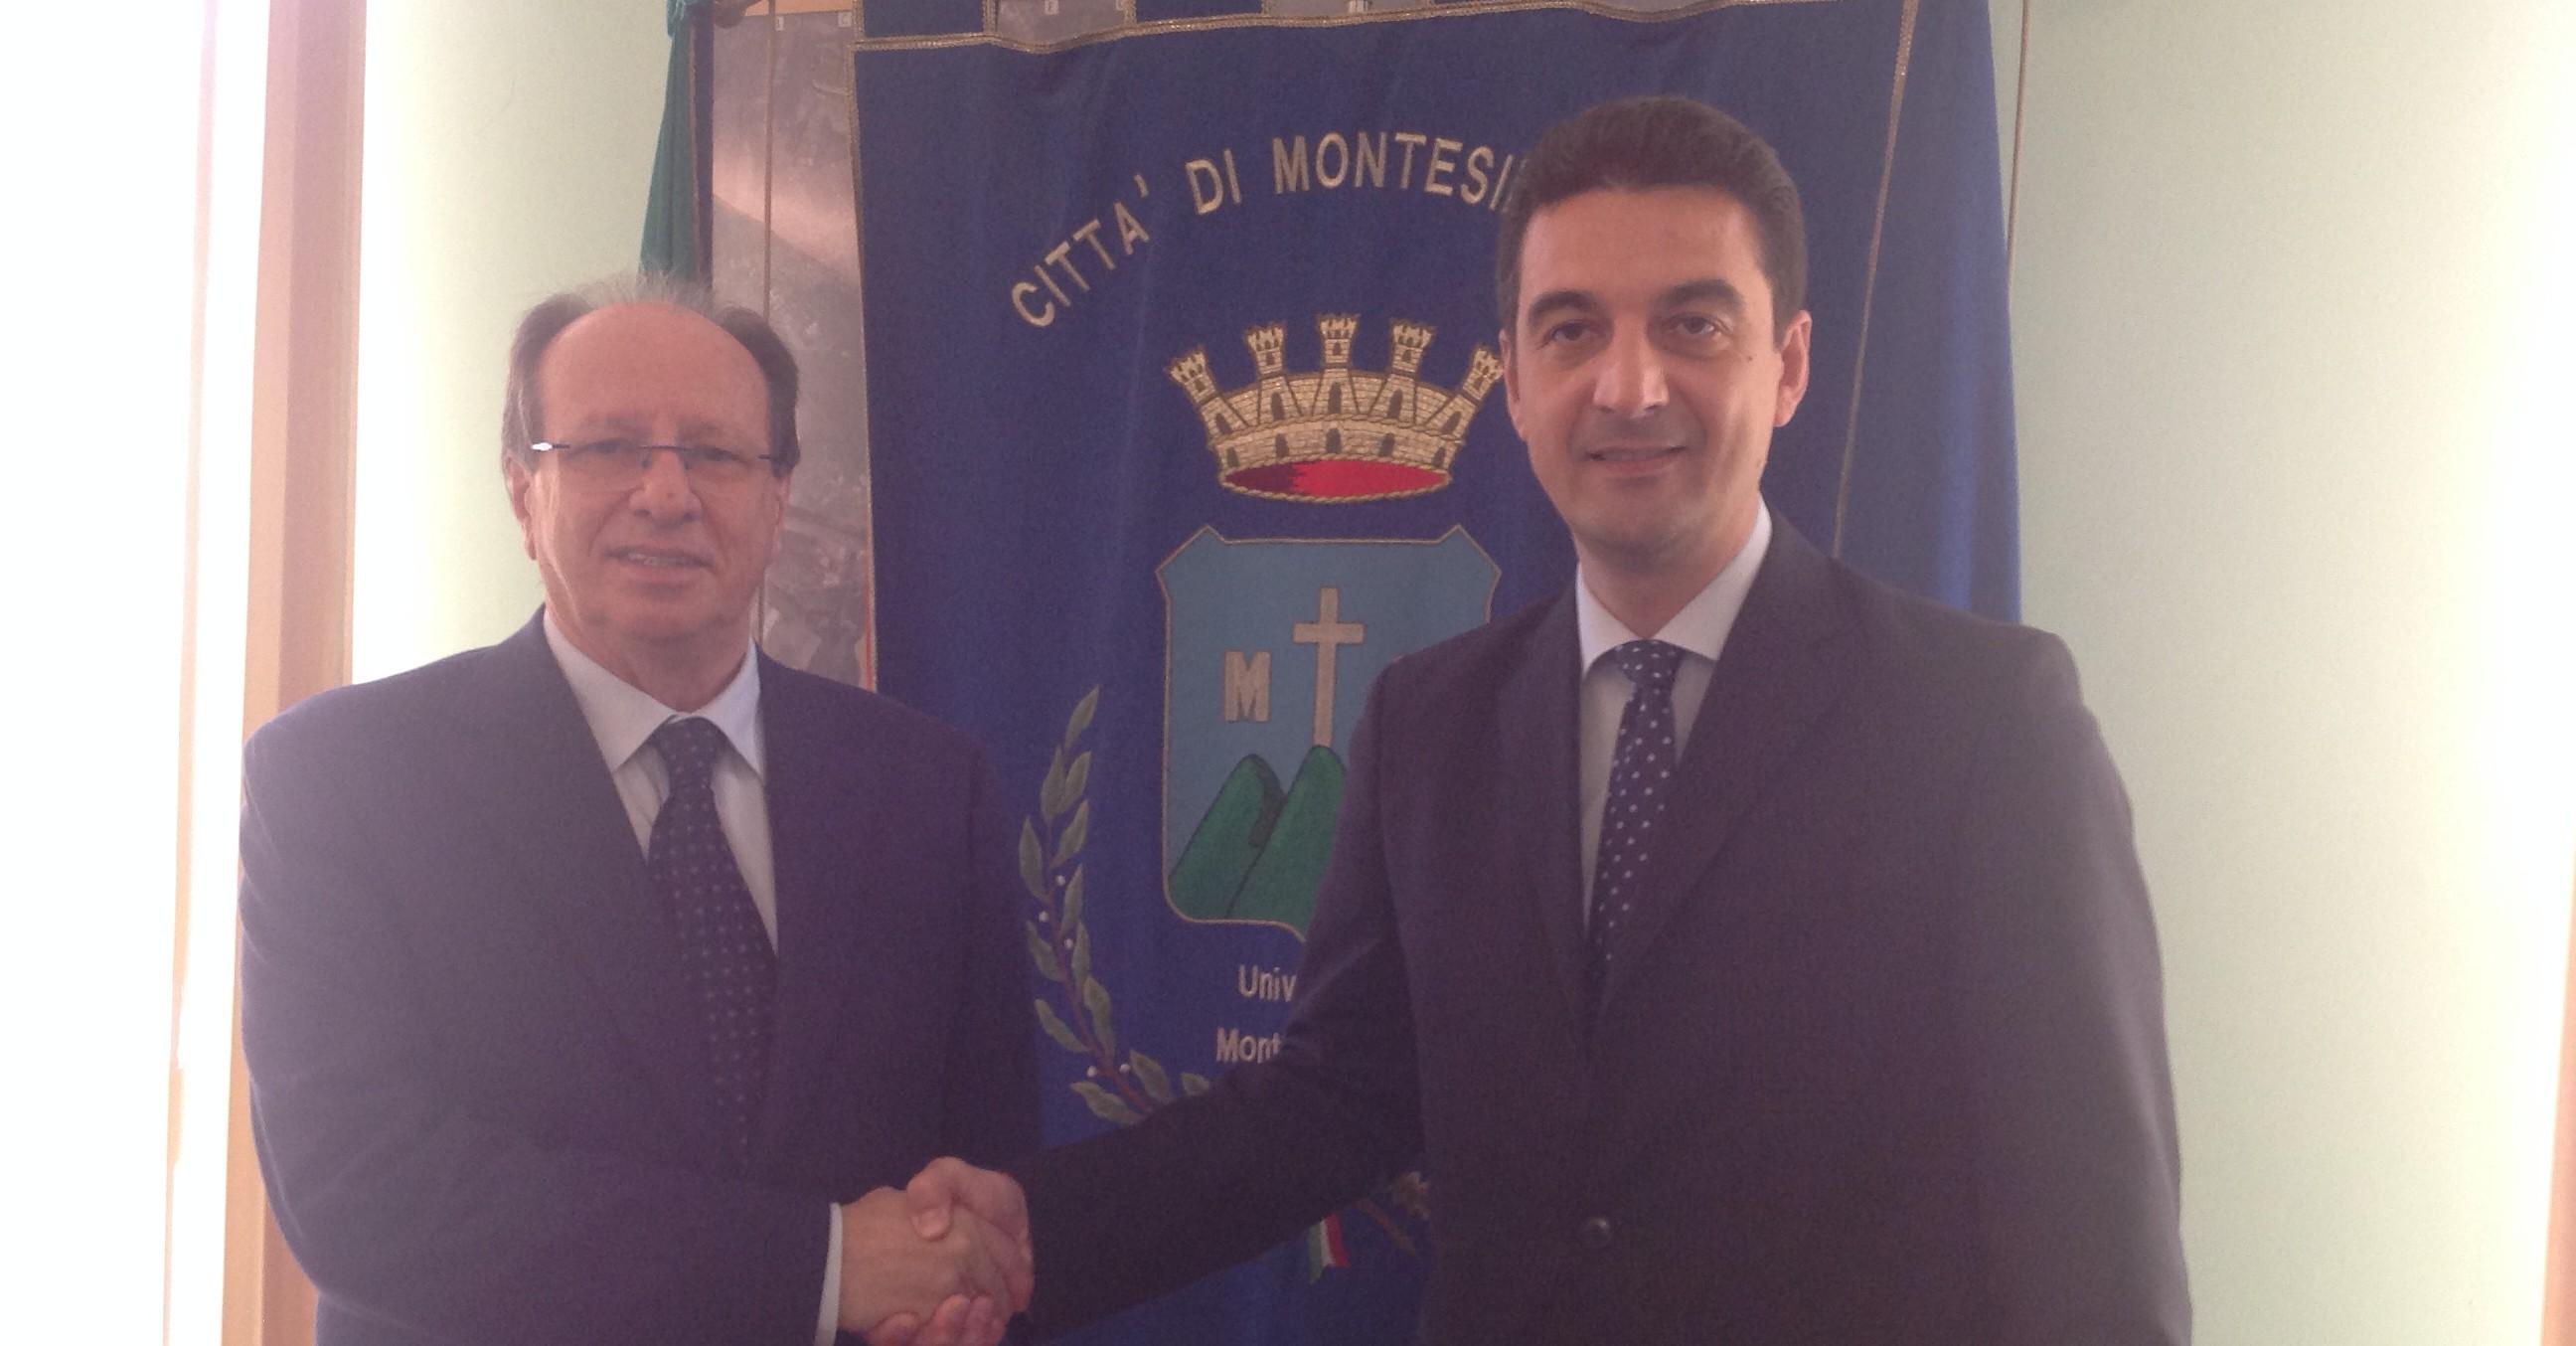 Rettore Paolone e sindaco Maragno